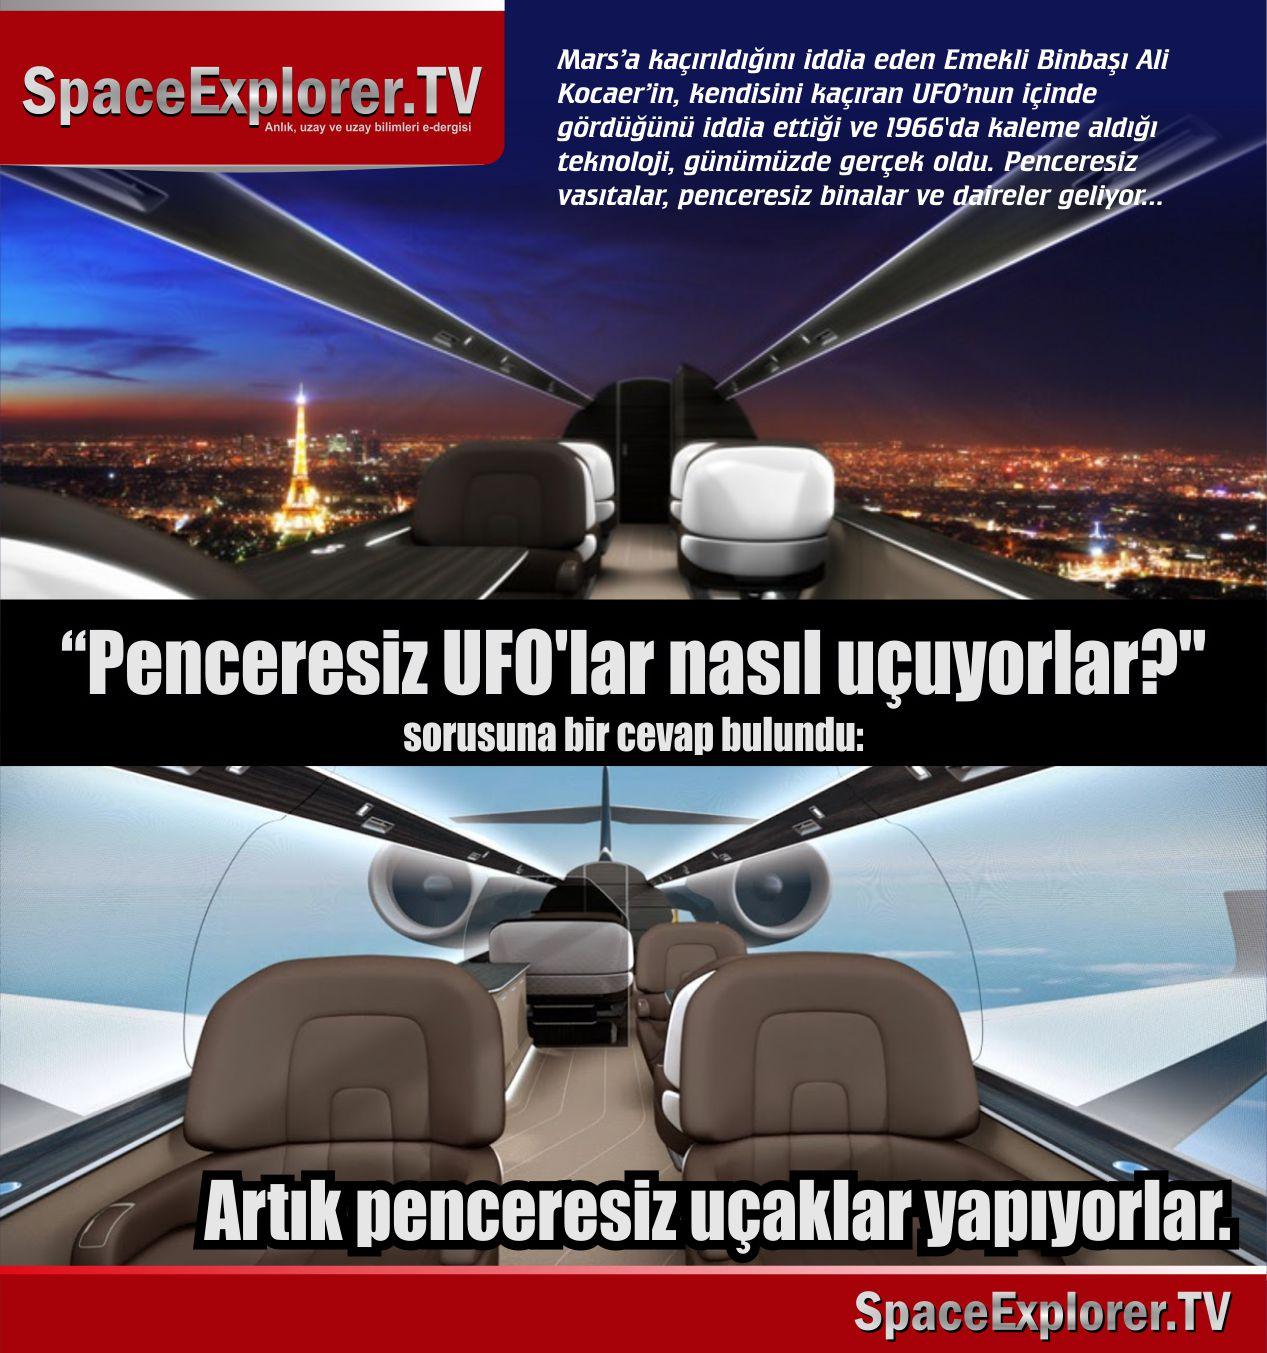 UFO, Ali Kocaer, Merih'e nasıl kaçırıldım, Uçan Küre, Mars, Merih, Müslüman uzaylılar, UFO'lar gerçek mi?, Gizlenen gerçekler, Uzayda hayat var mı?, Videolar,